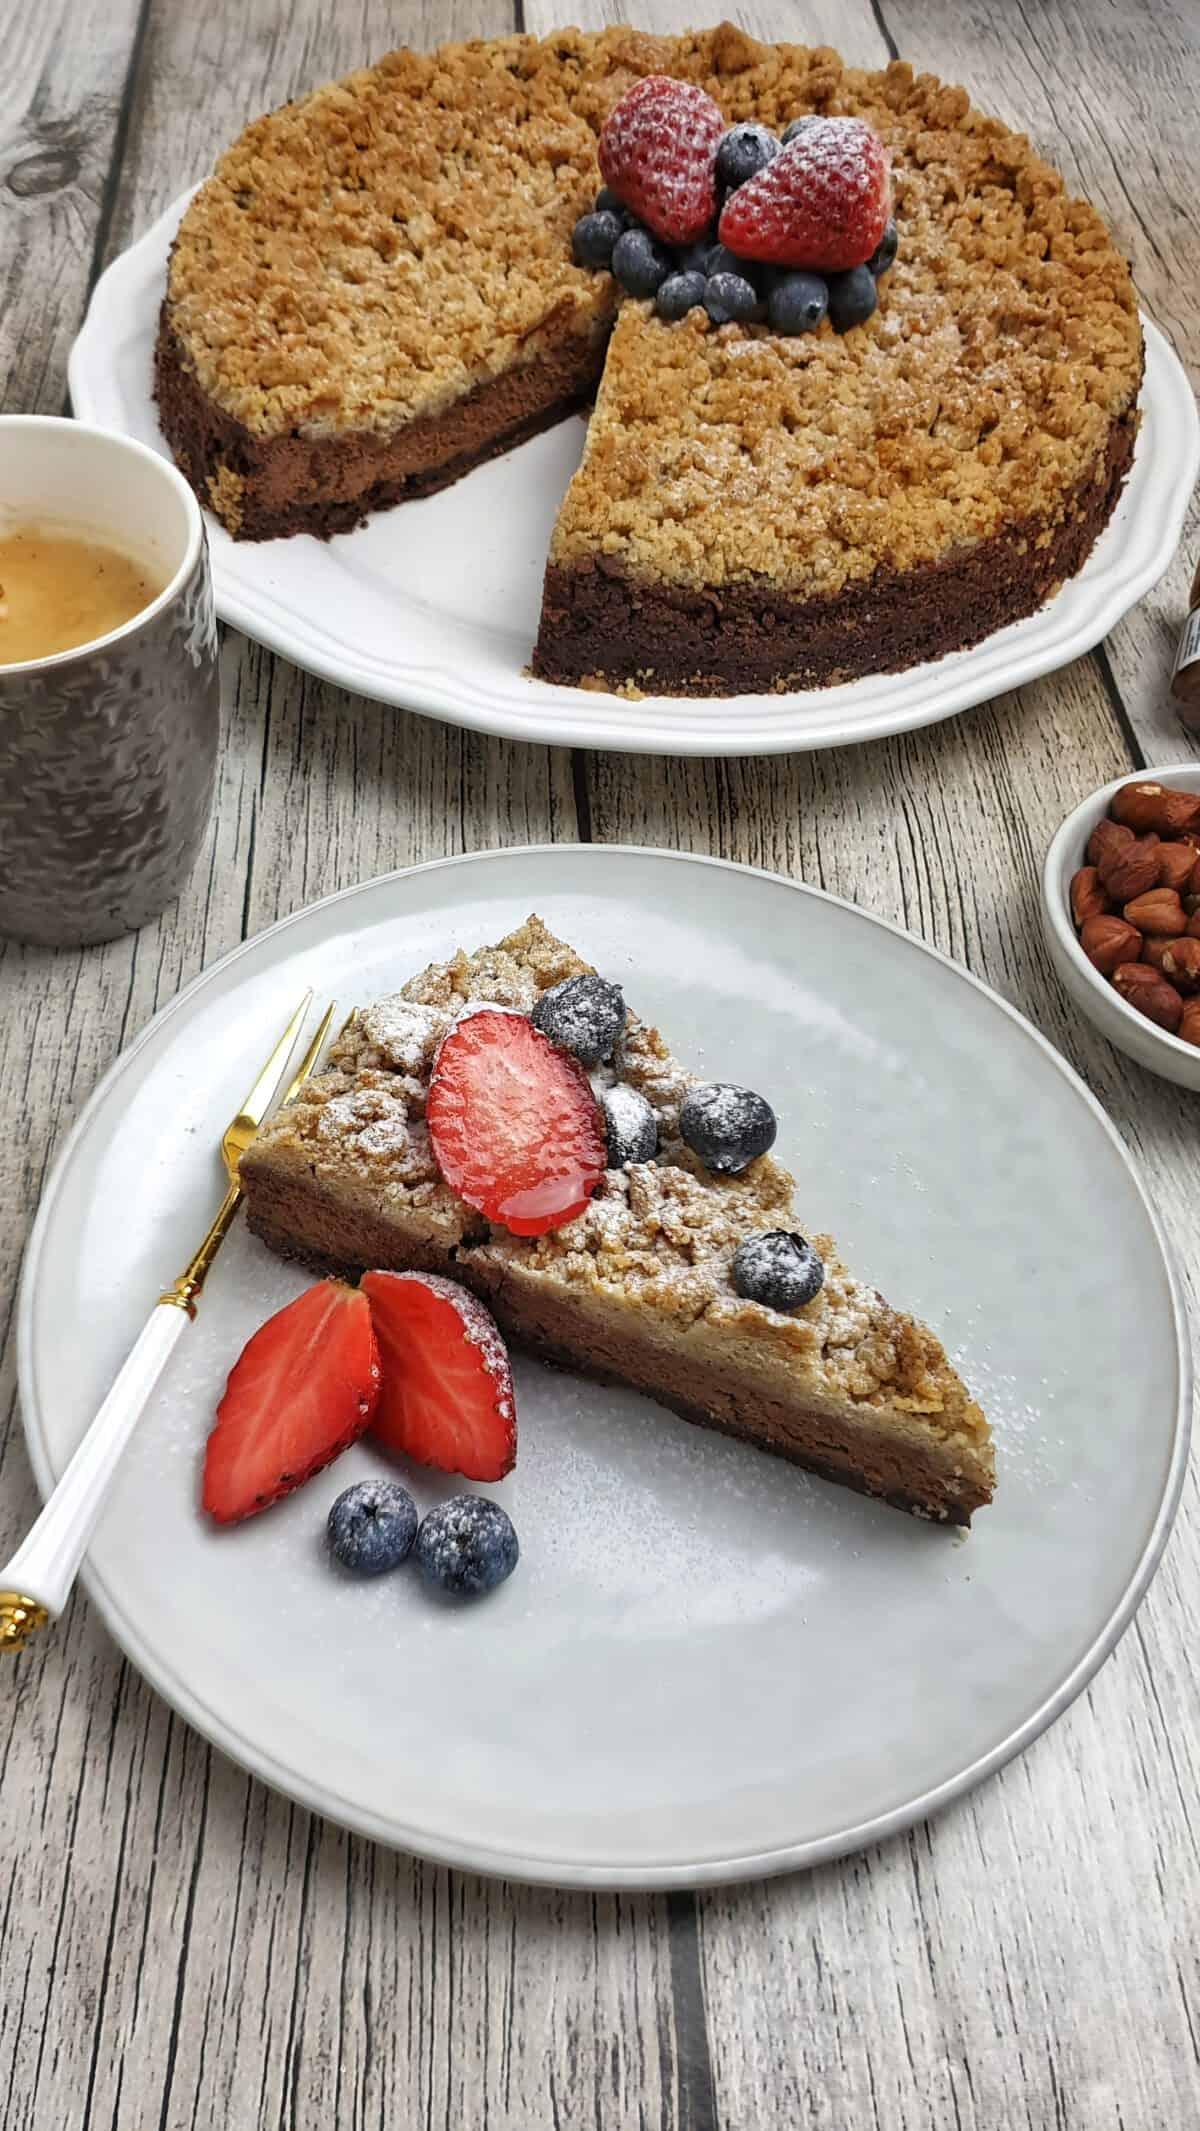 Ein Stück Schokoladen-Kuchen auf einem hellen Teller mit frischen Beeren garniert. Im Hintergrund Deko.